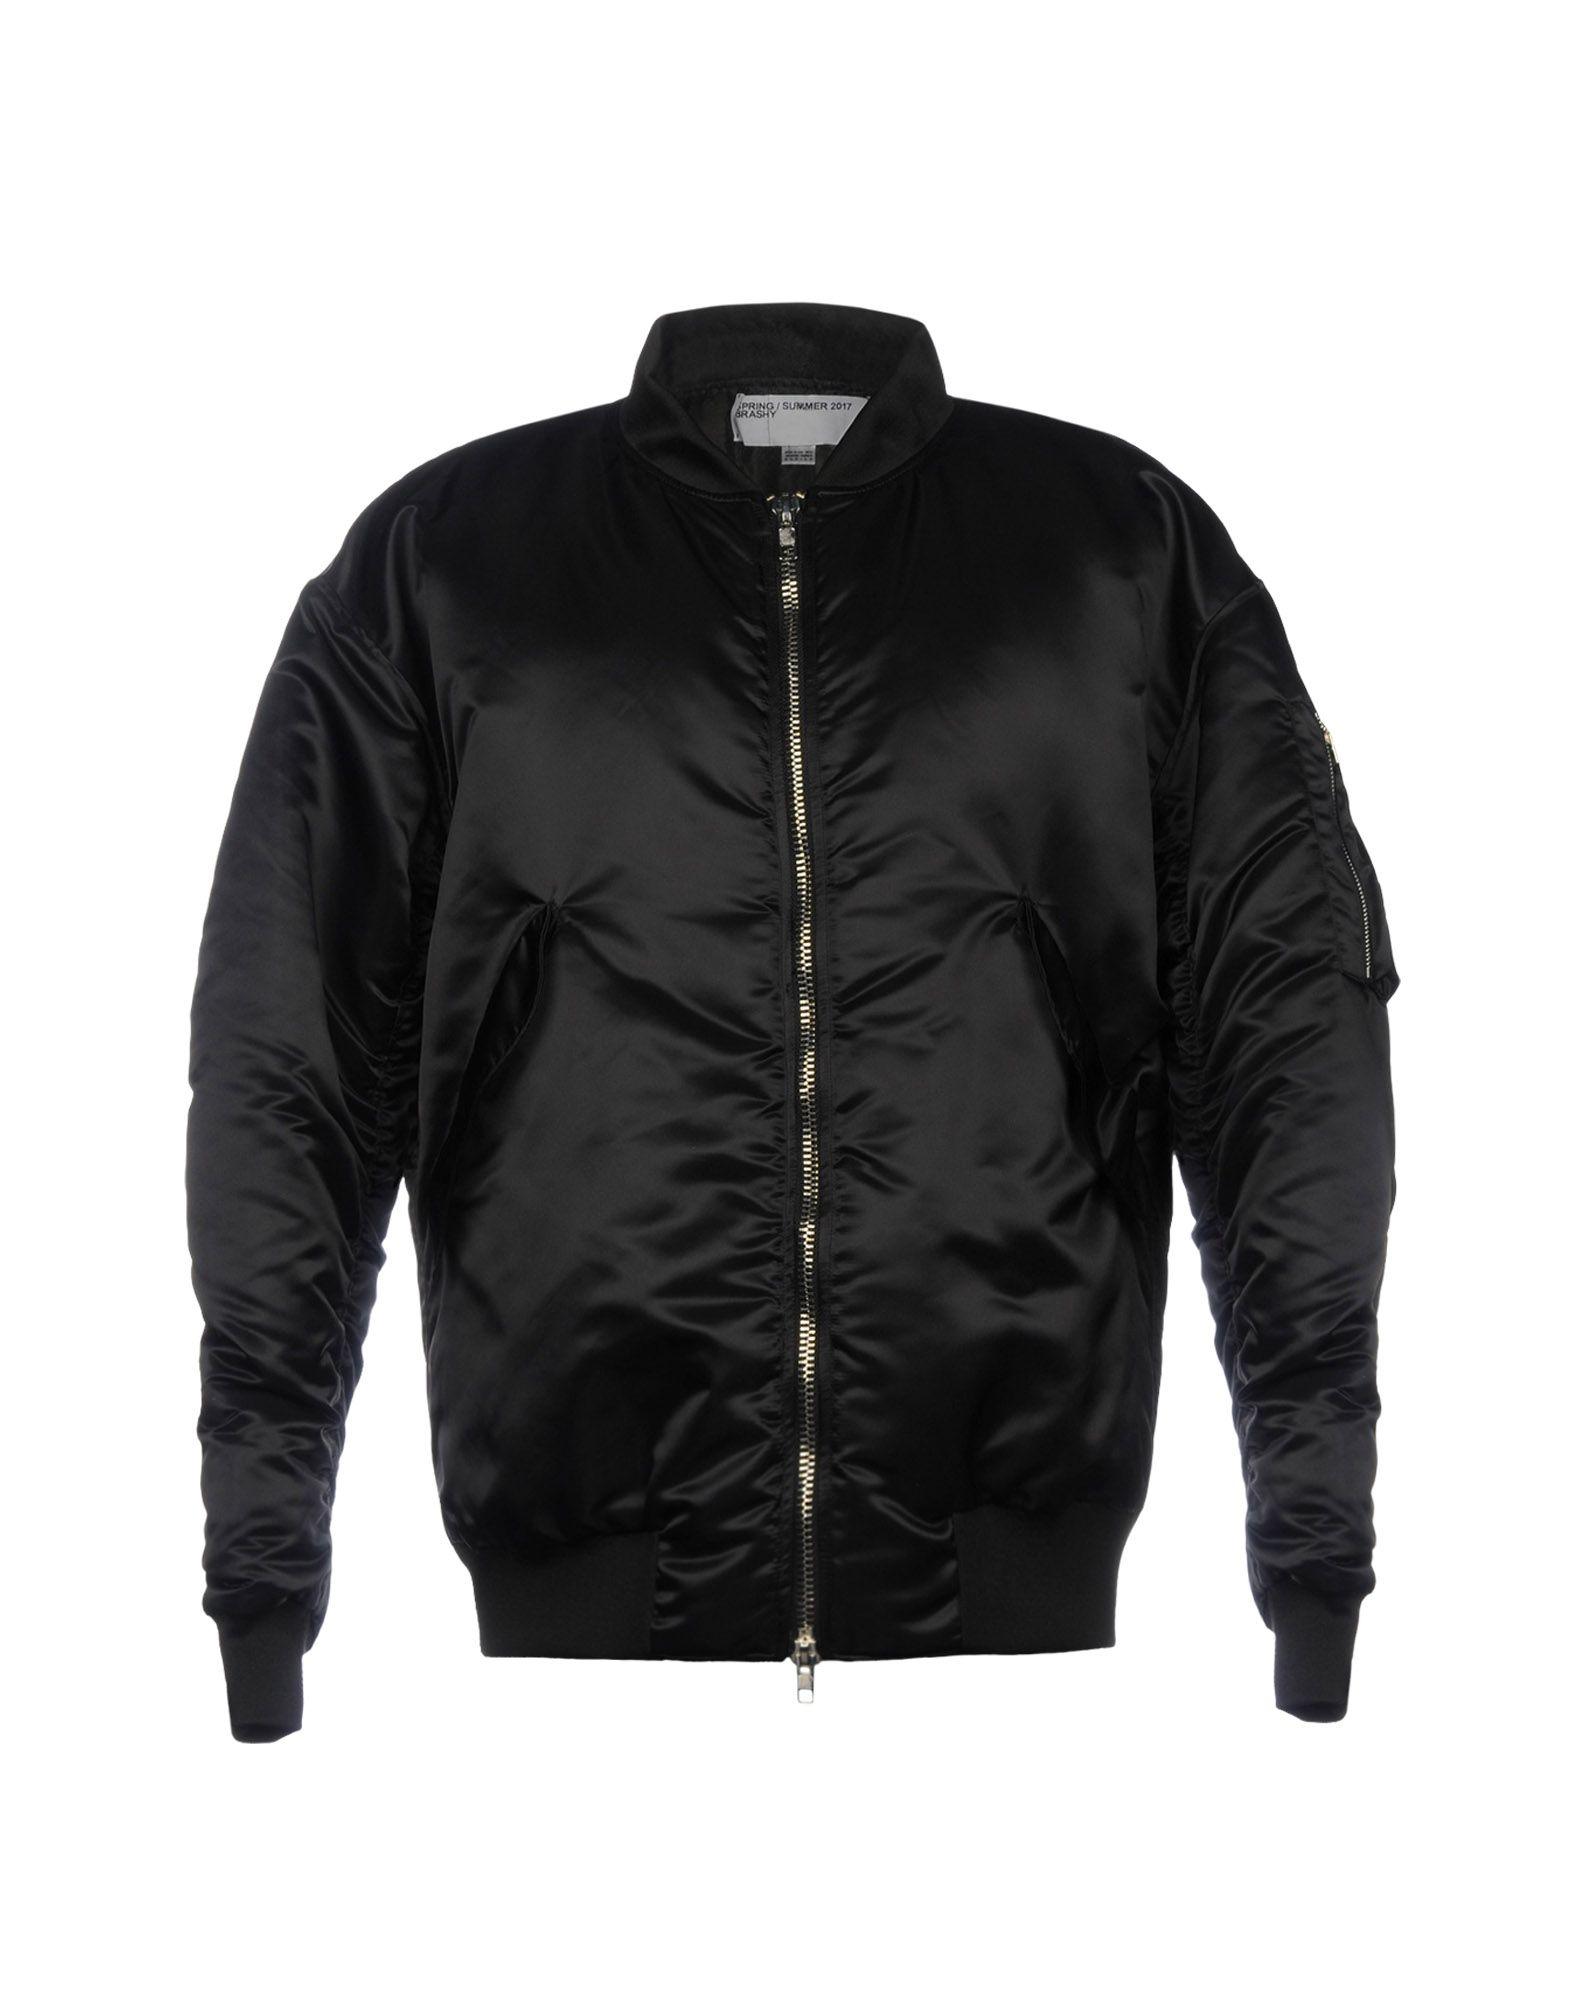 BRASHY Jackets in Black